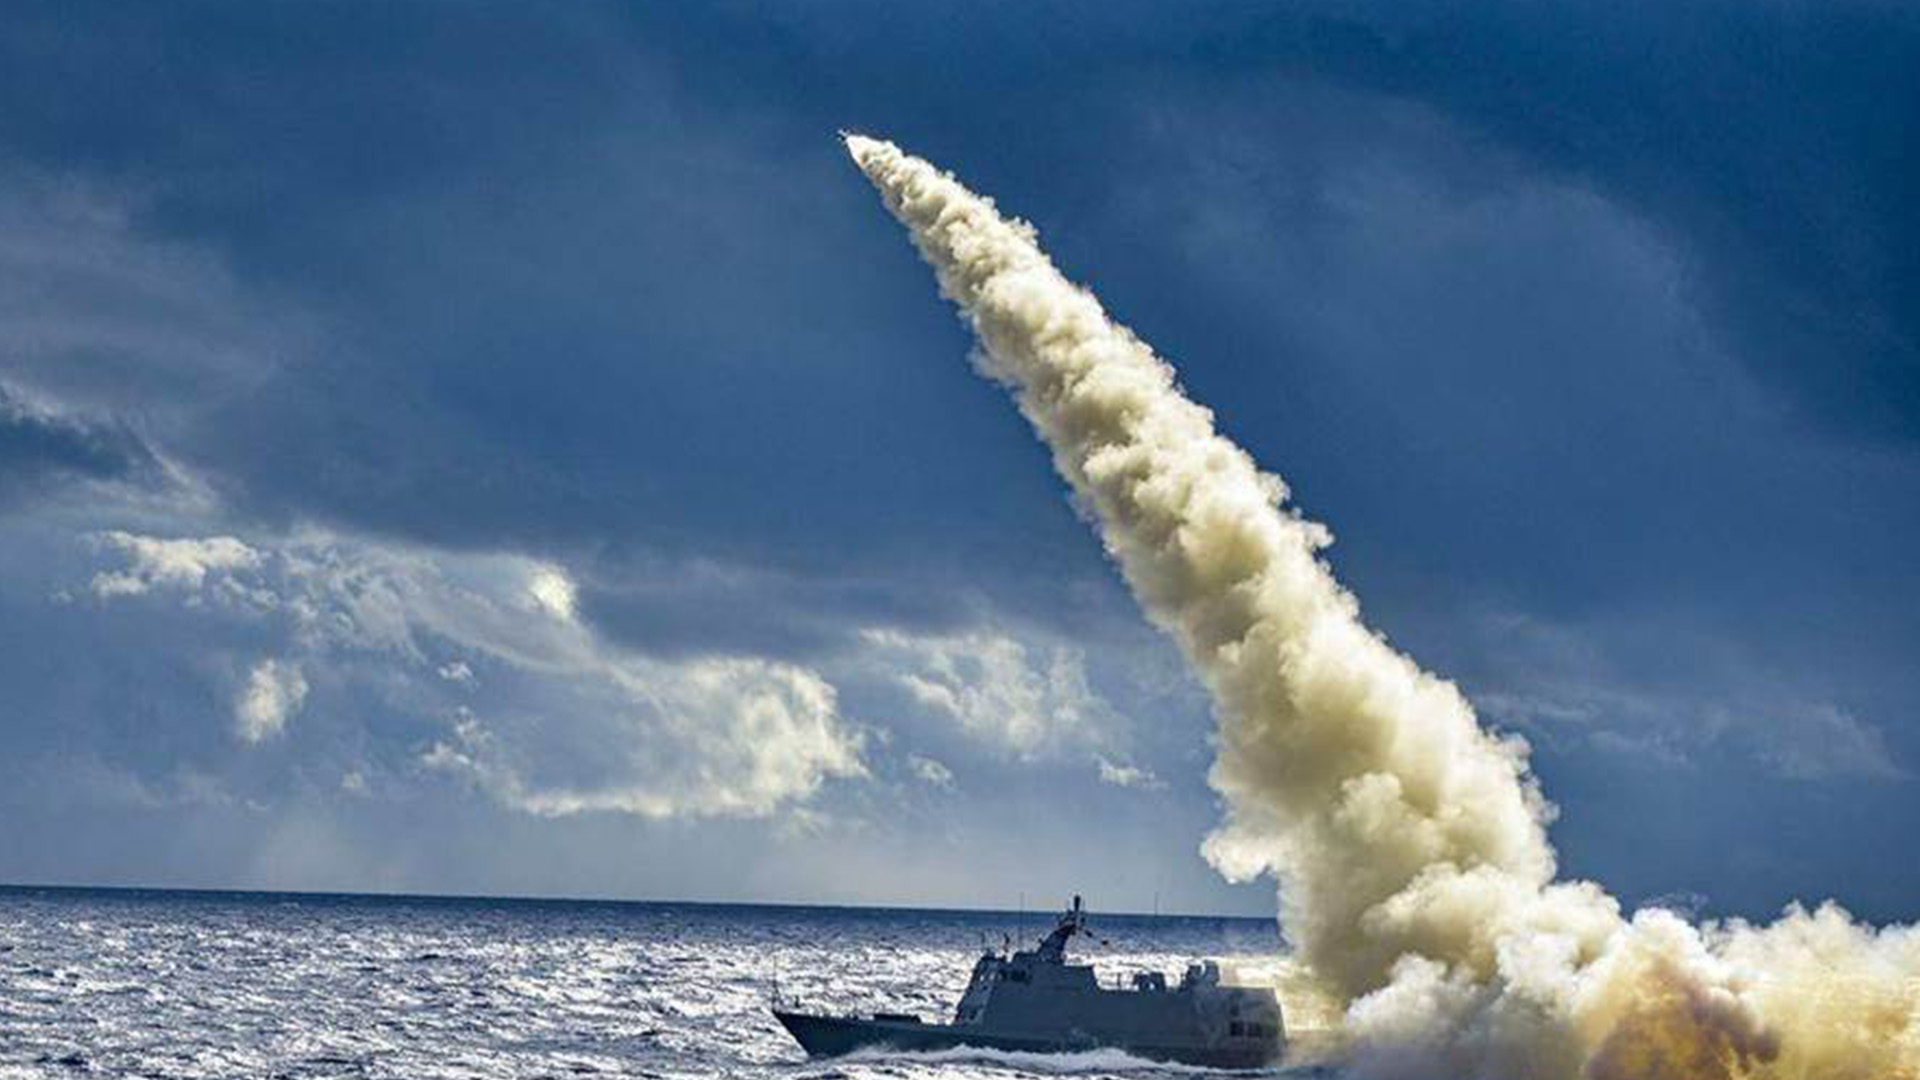 台媒称解放军情报船停留花莲外海一周 前台海军军官示警民进党